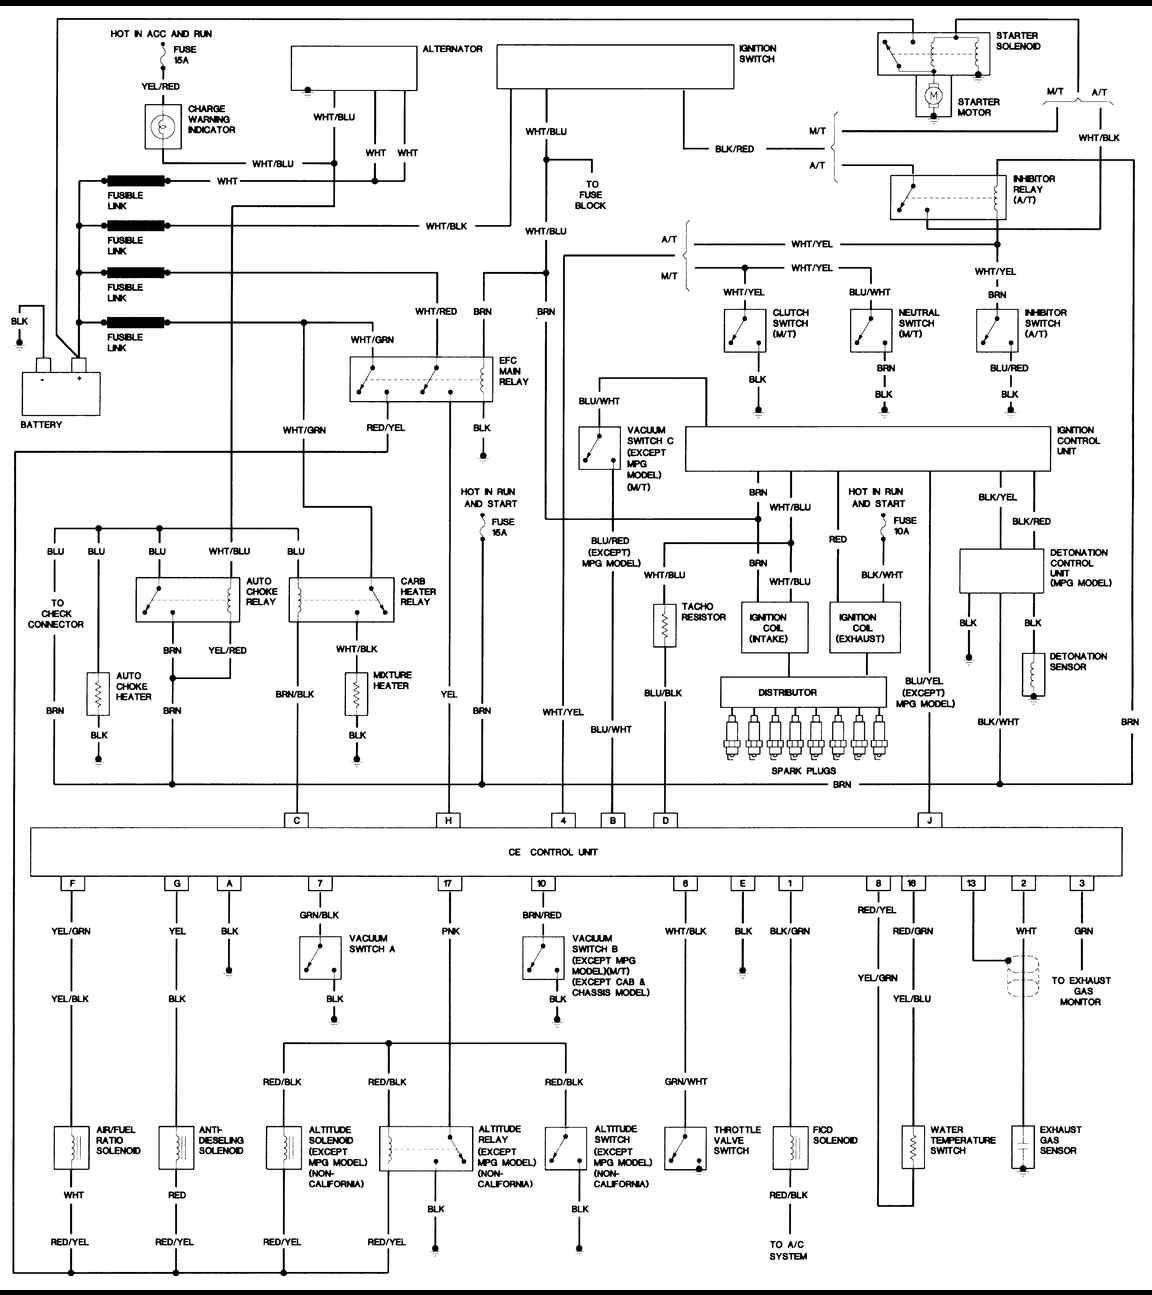 nissan electrical schematics  nissan nissan hardbody